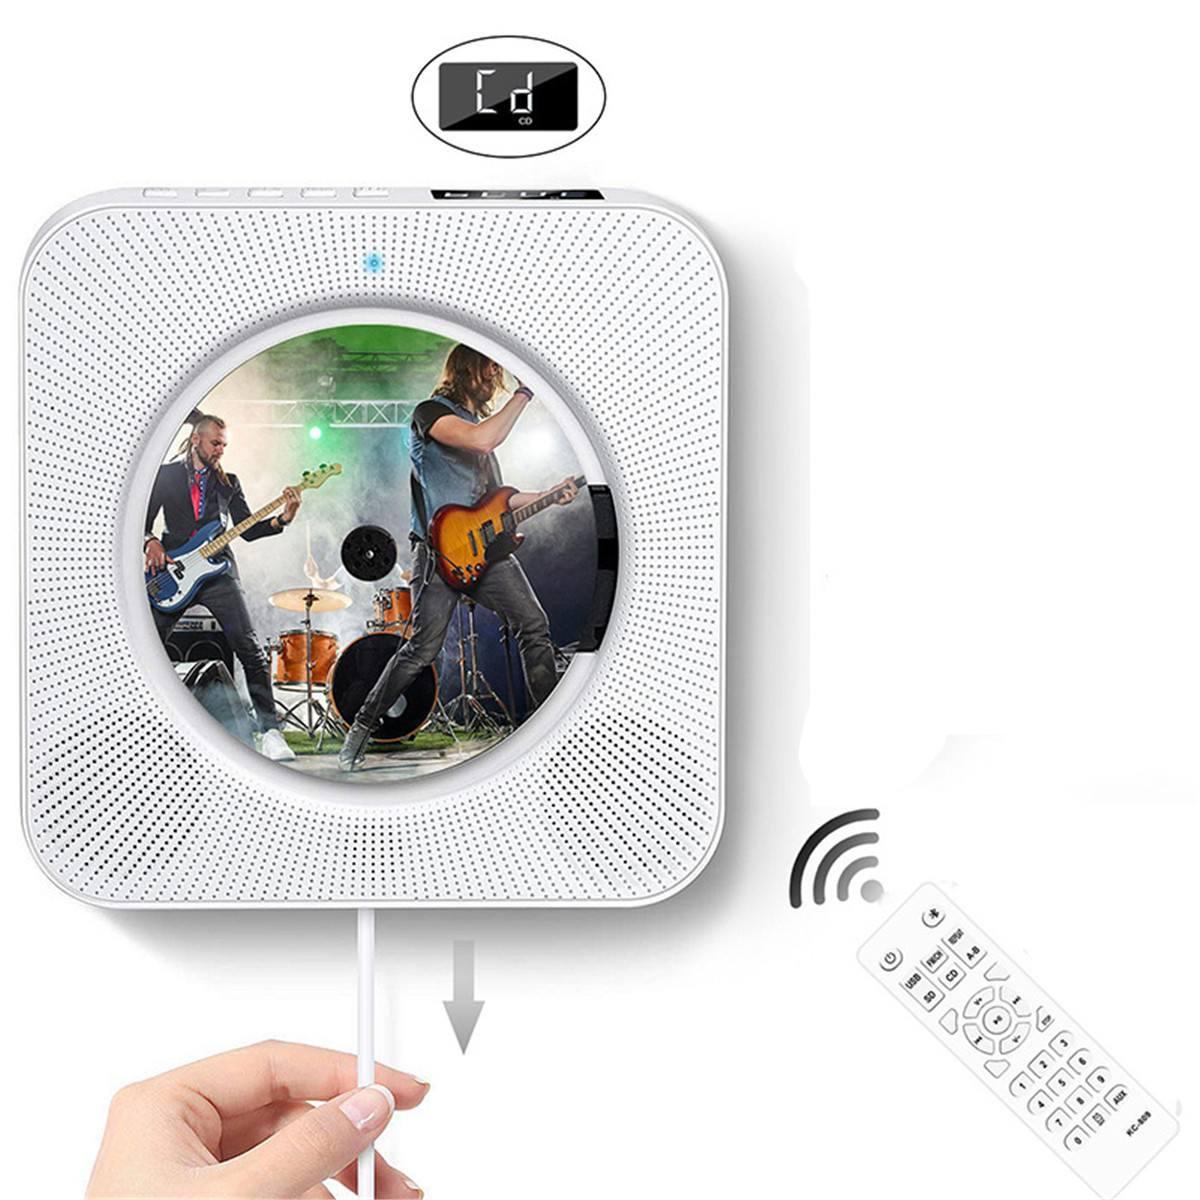 Lecteur CD 240V mural bluetooth Portable Audio maison Boombox avec télécommande Radio FM haut-parleurs HiFi intégrés USB MP3